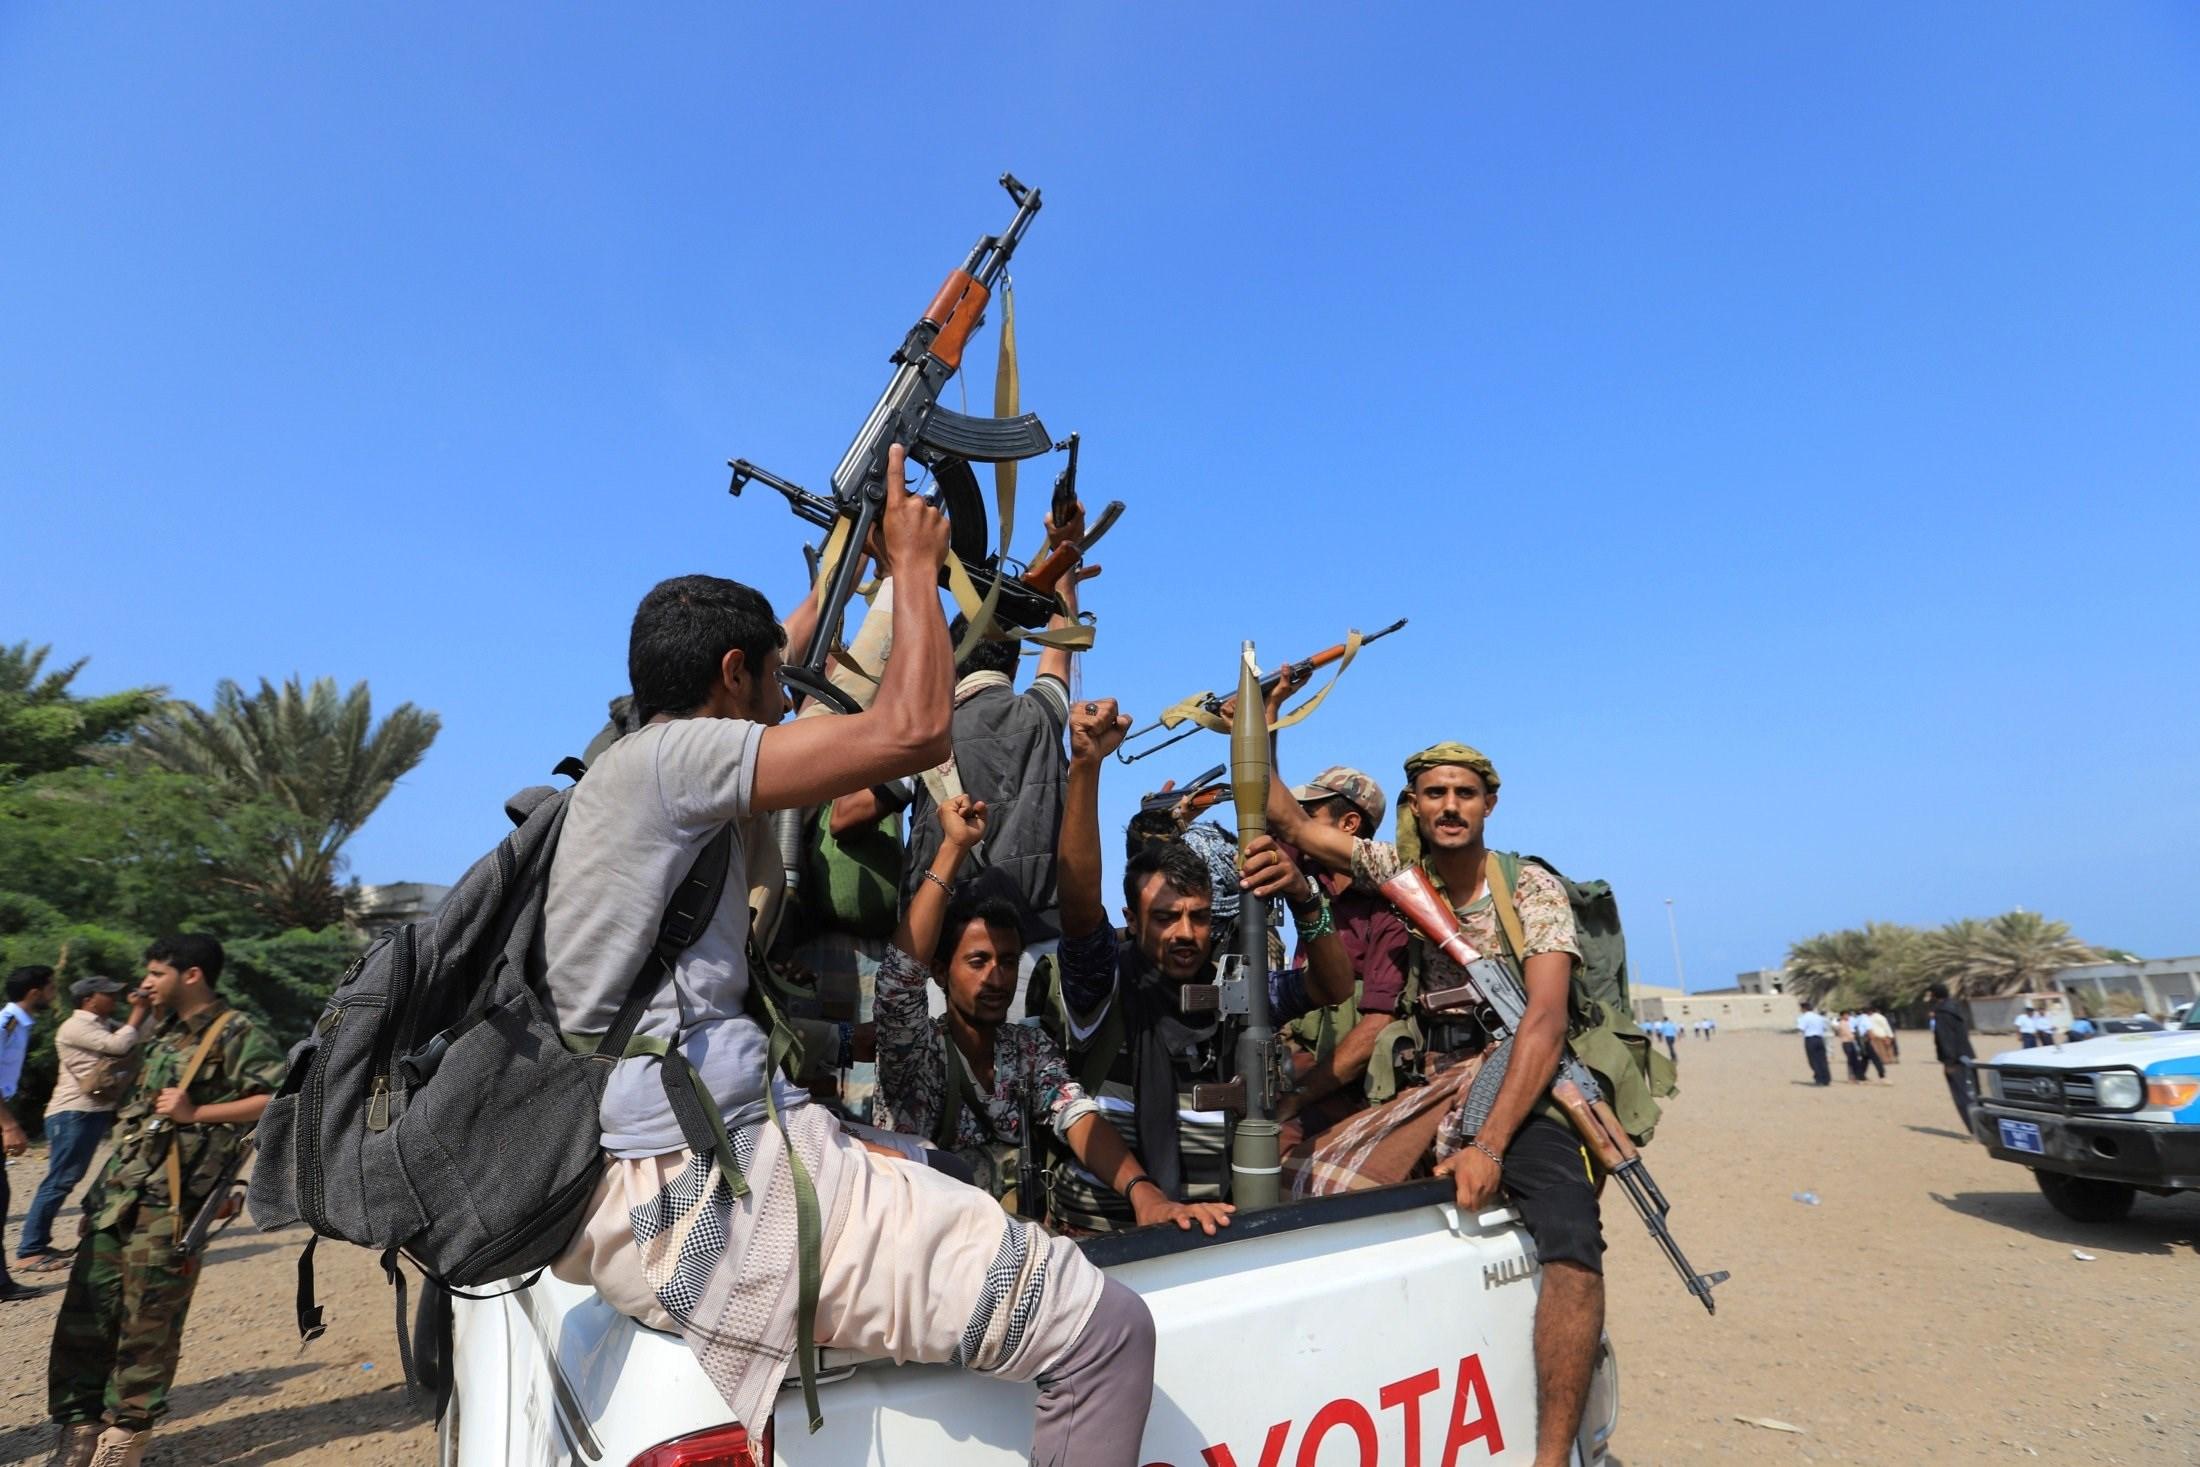 اليمن: الإفراج عن 58 أسيراً بعملية تبادل بين قوات هادي والمجلس الانتقالي